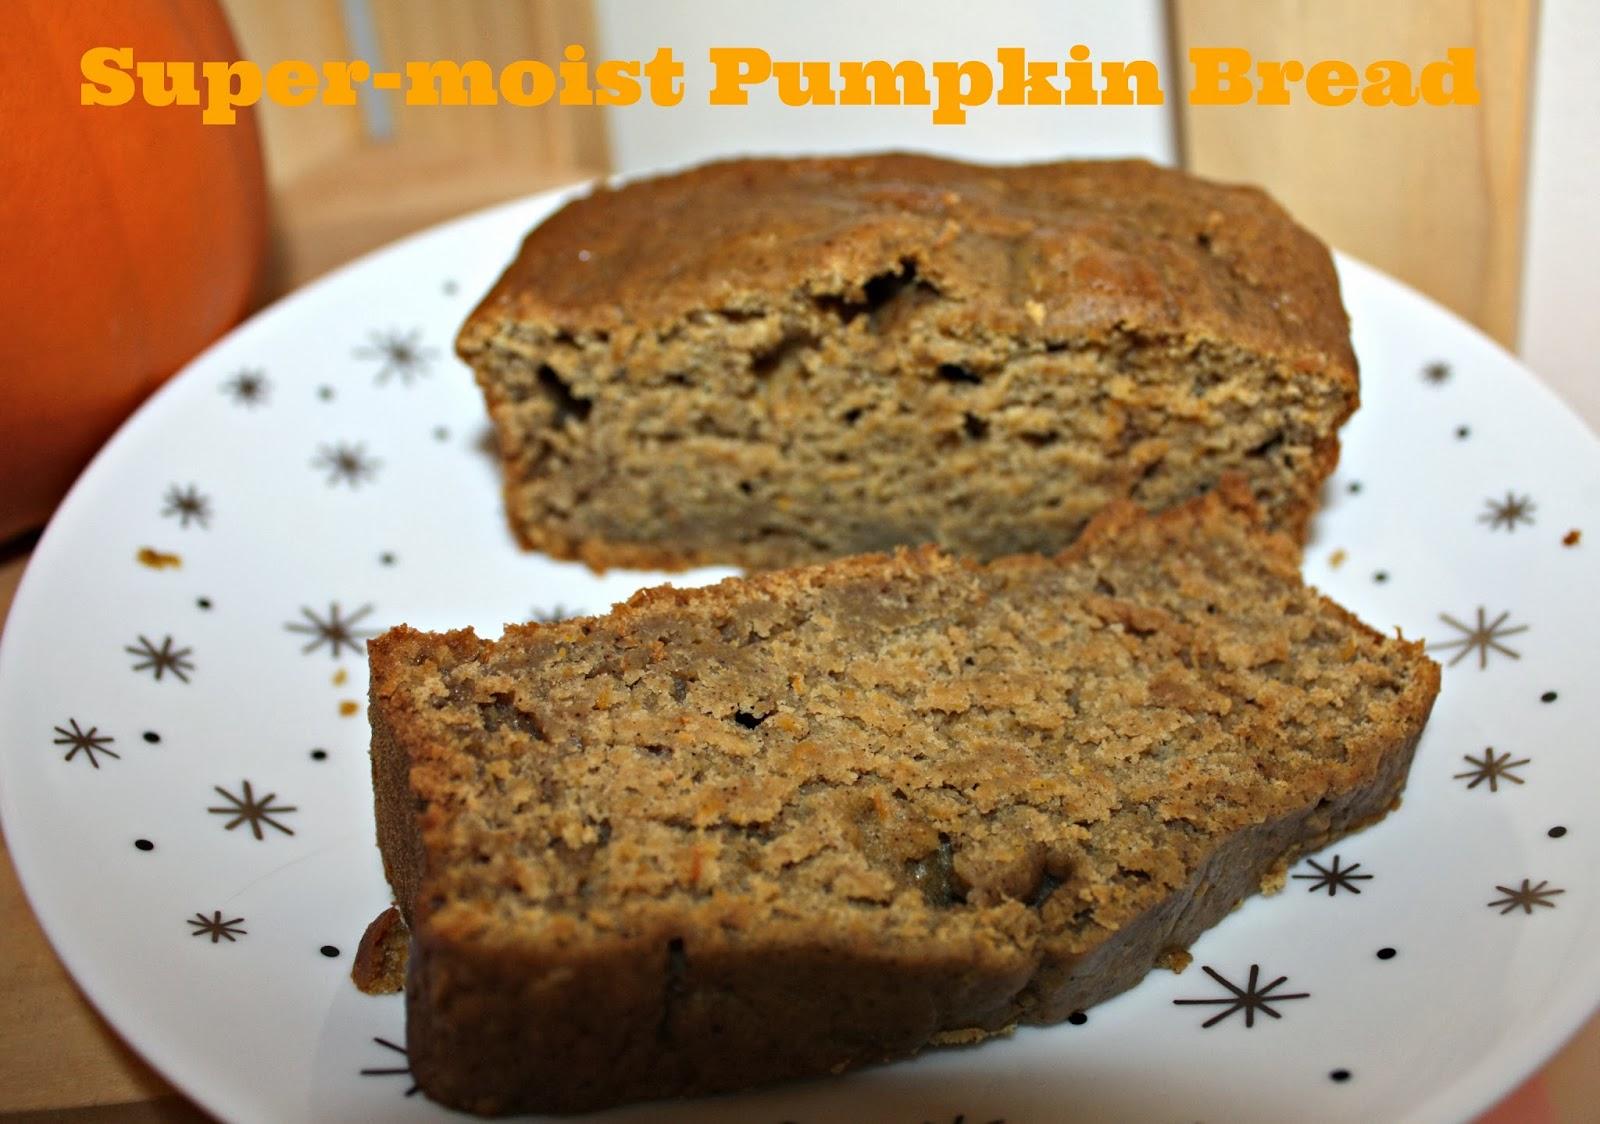 Little Time and a Keyboard: Super-moist Pumpkin Bread